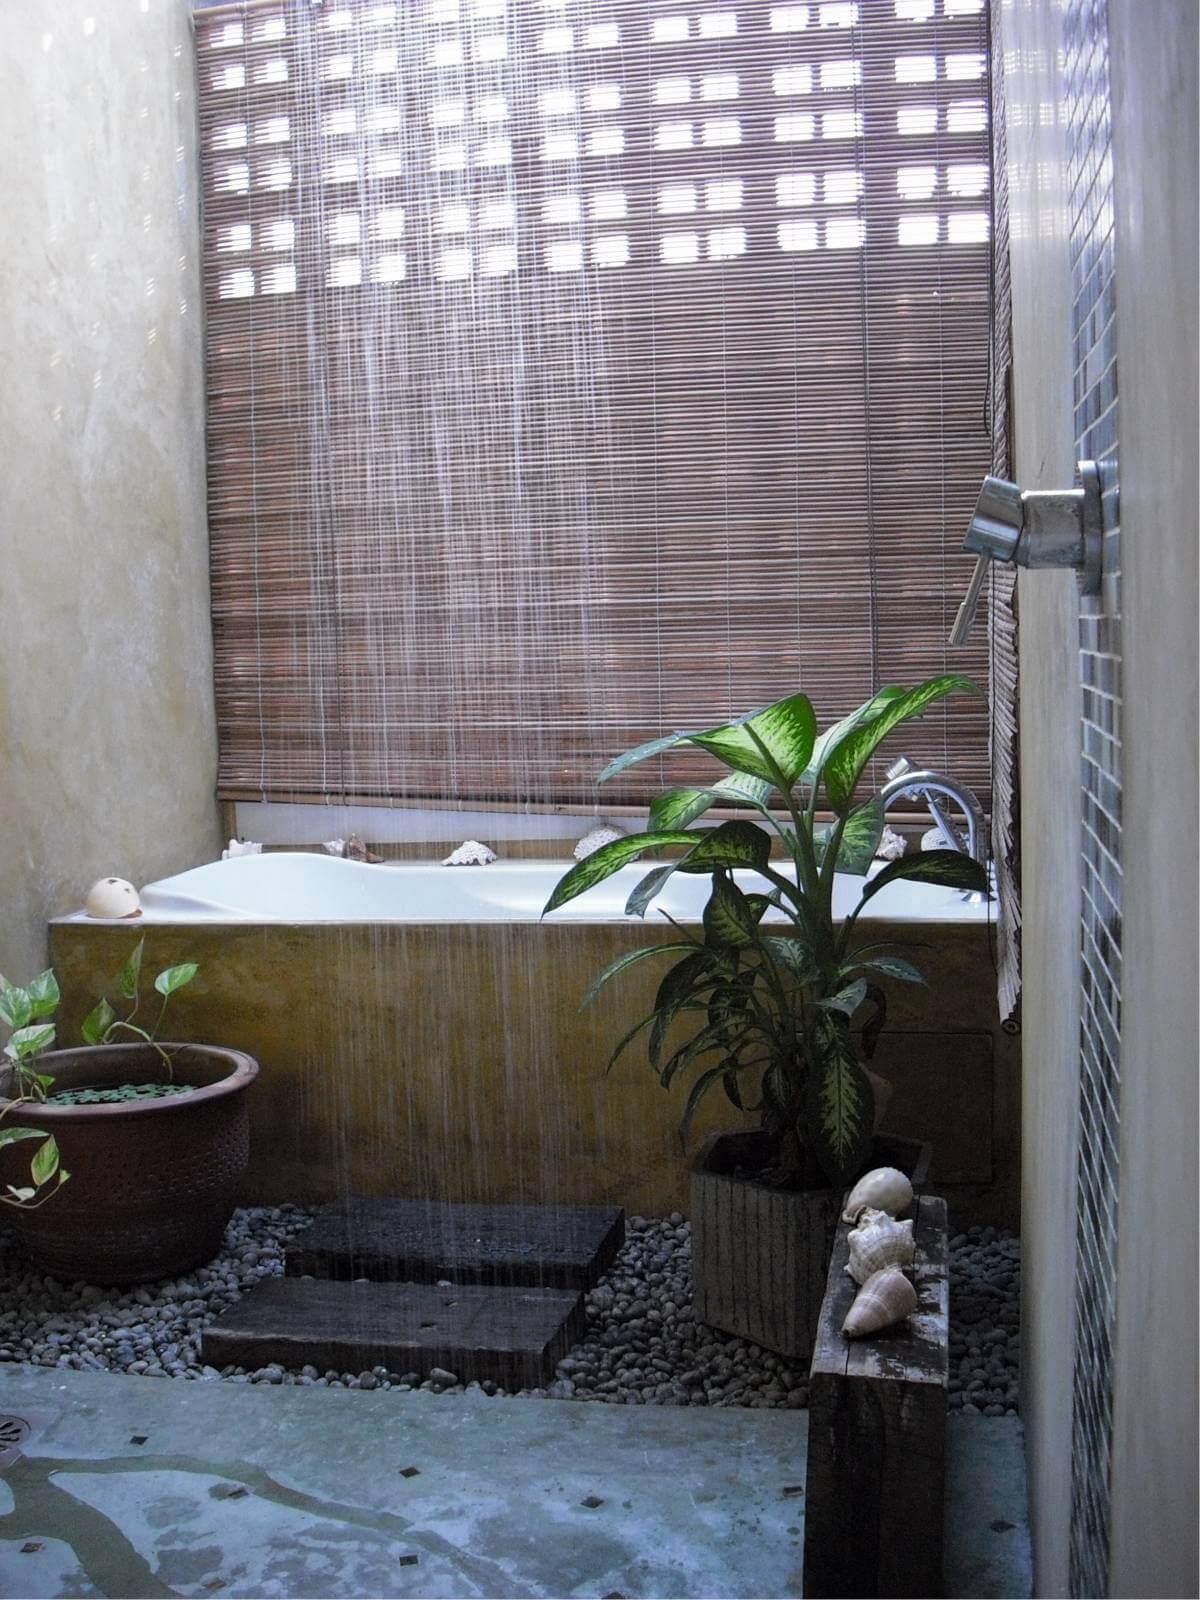 Ikea Badkamer Mengkraan ~ Een gezellige, sfeervolle badkamer? Lees de tips!  Wiki Wonen